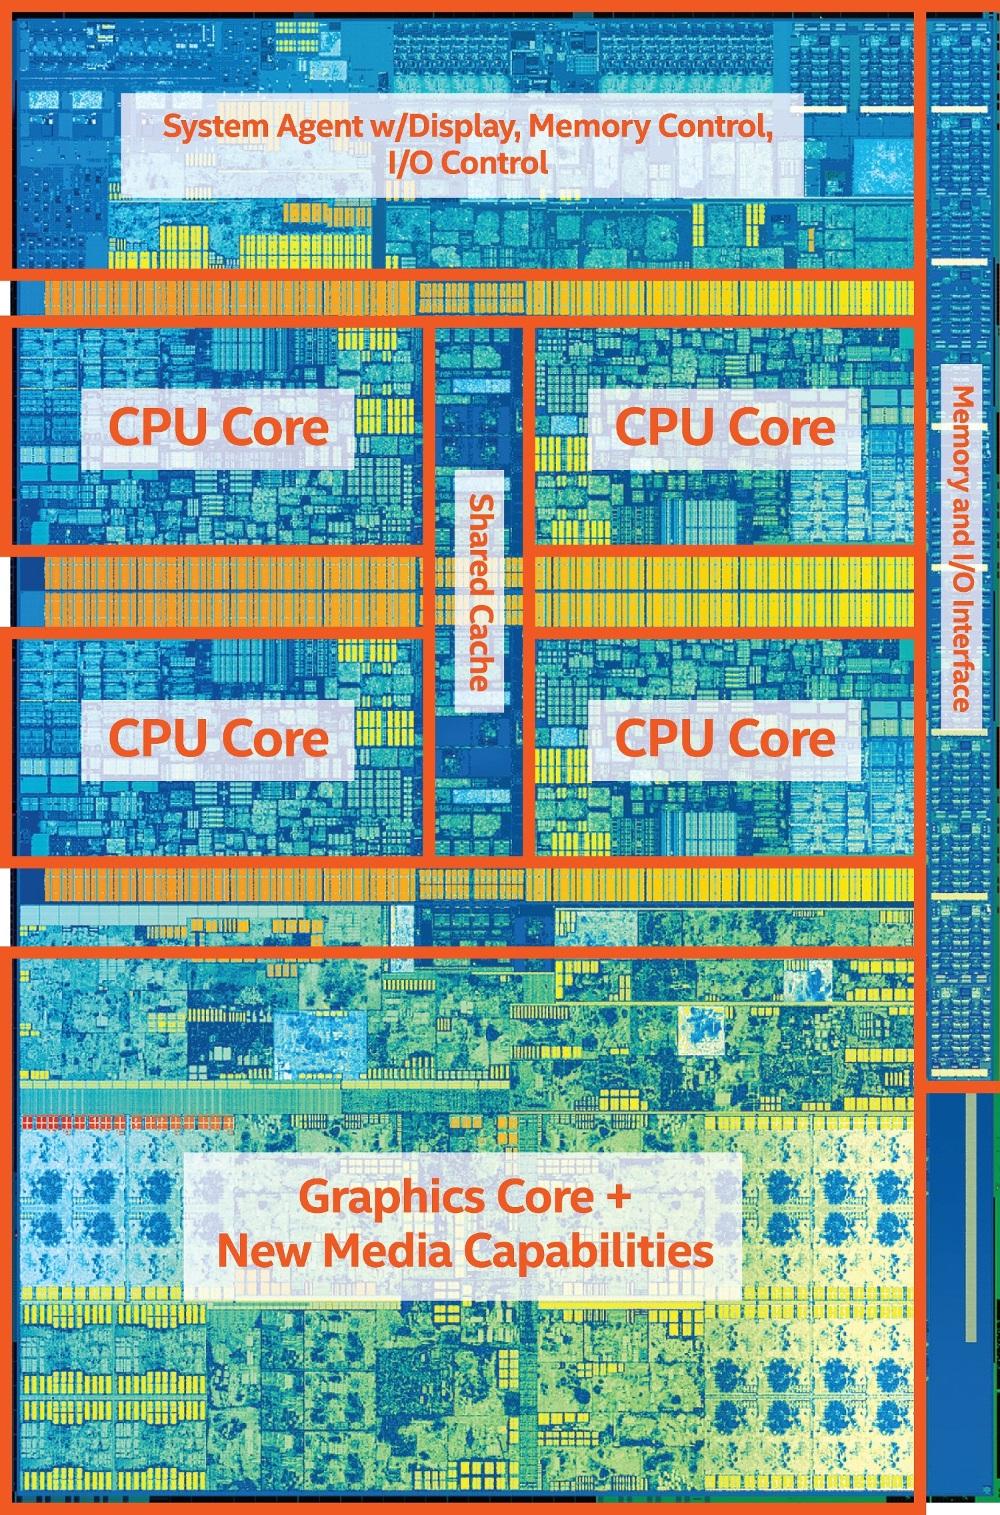 008-intel-core-i7-7700k-kabylake-diagramma-architettura-7700K